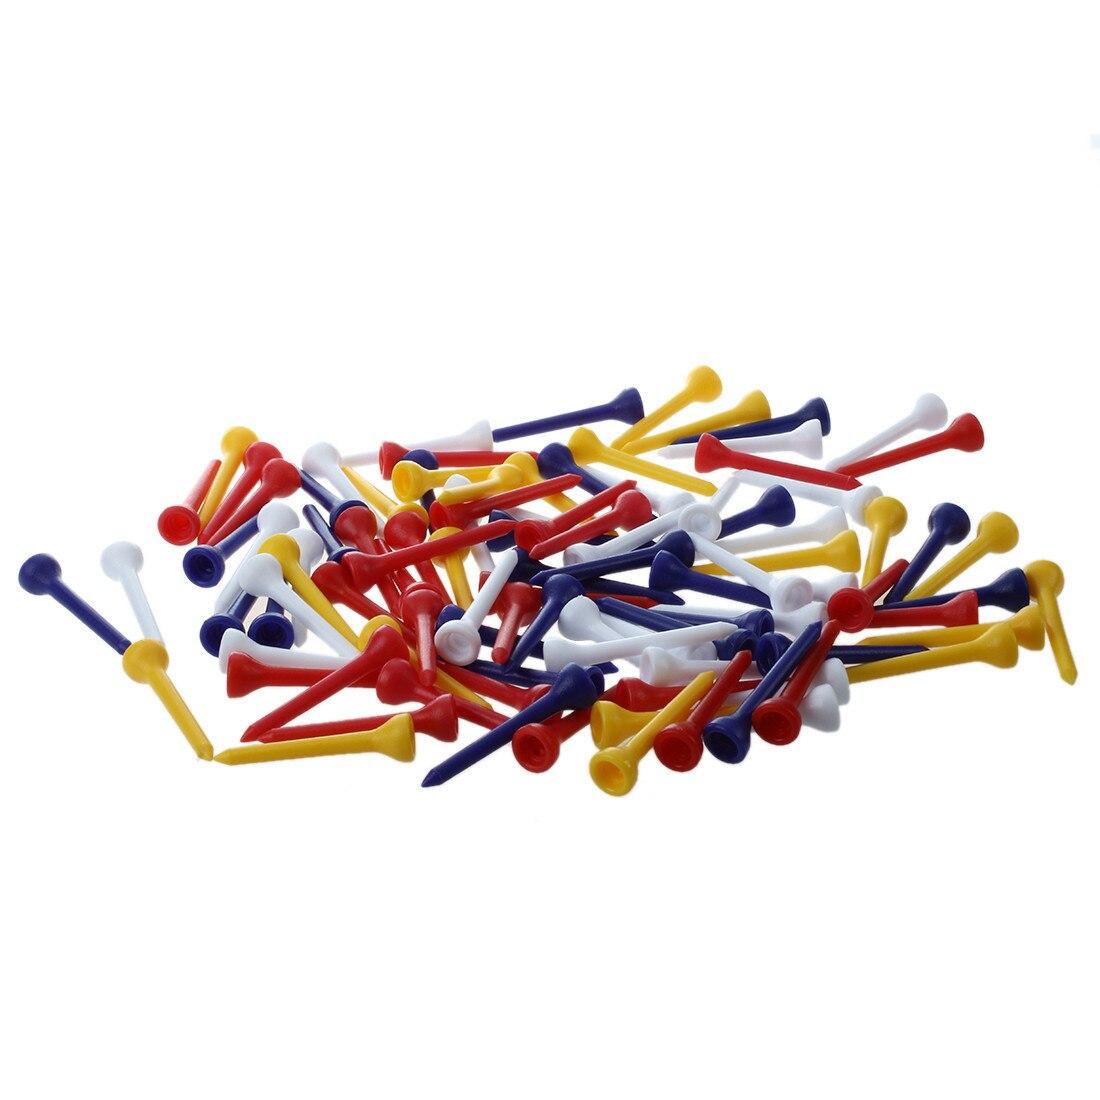 Wholesale! 100pcs 49mm color mixed plastic Golf Tees